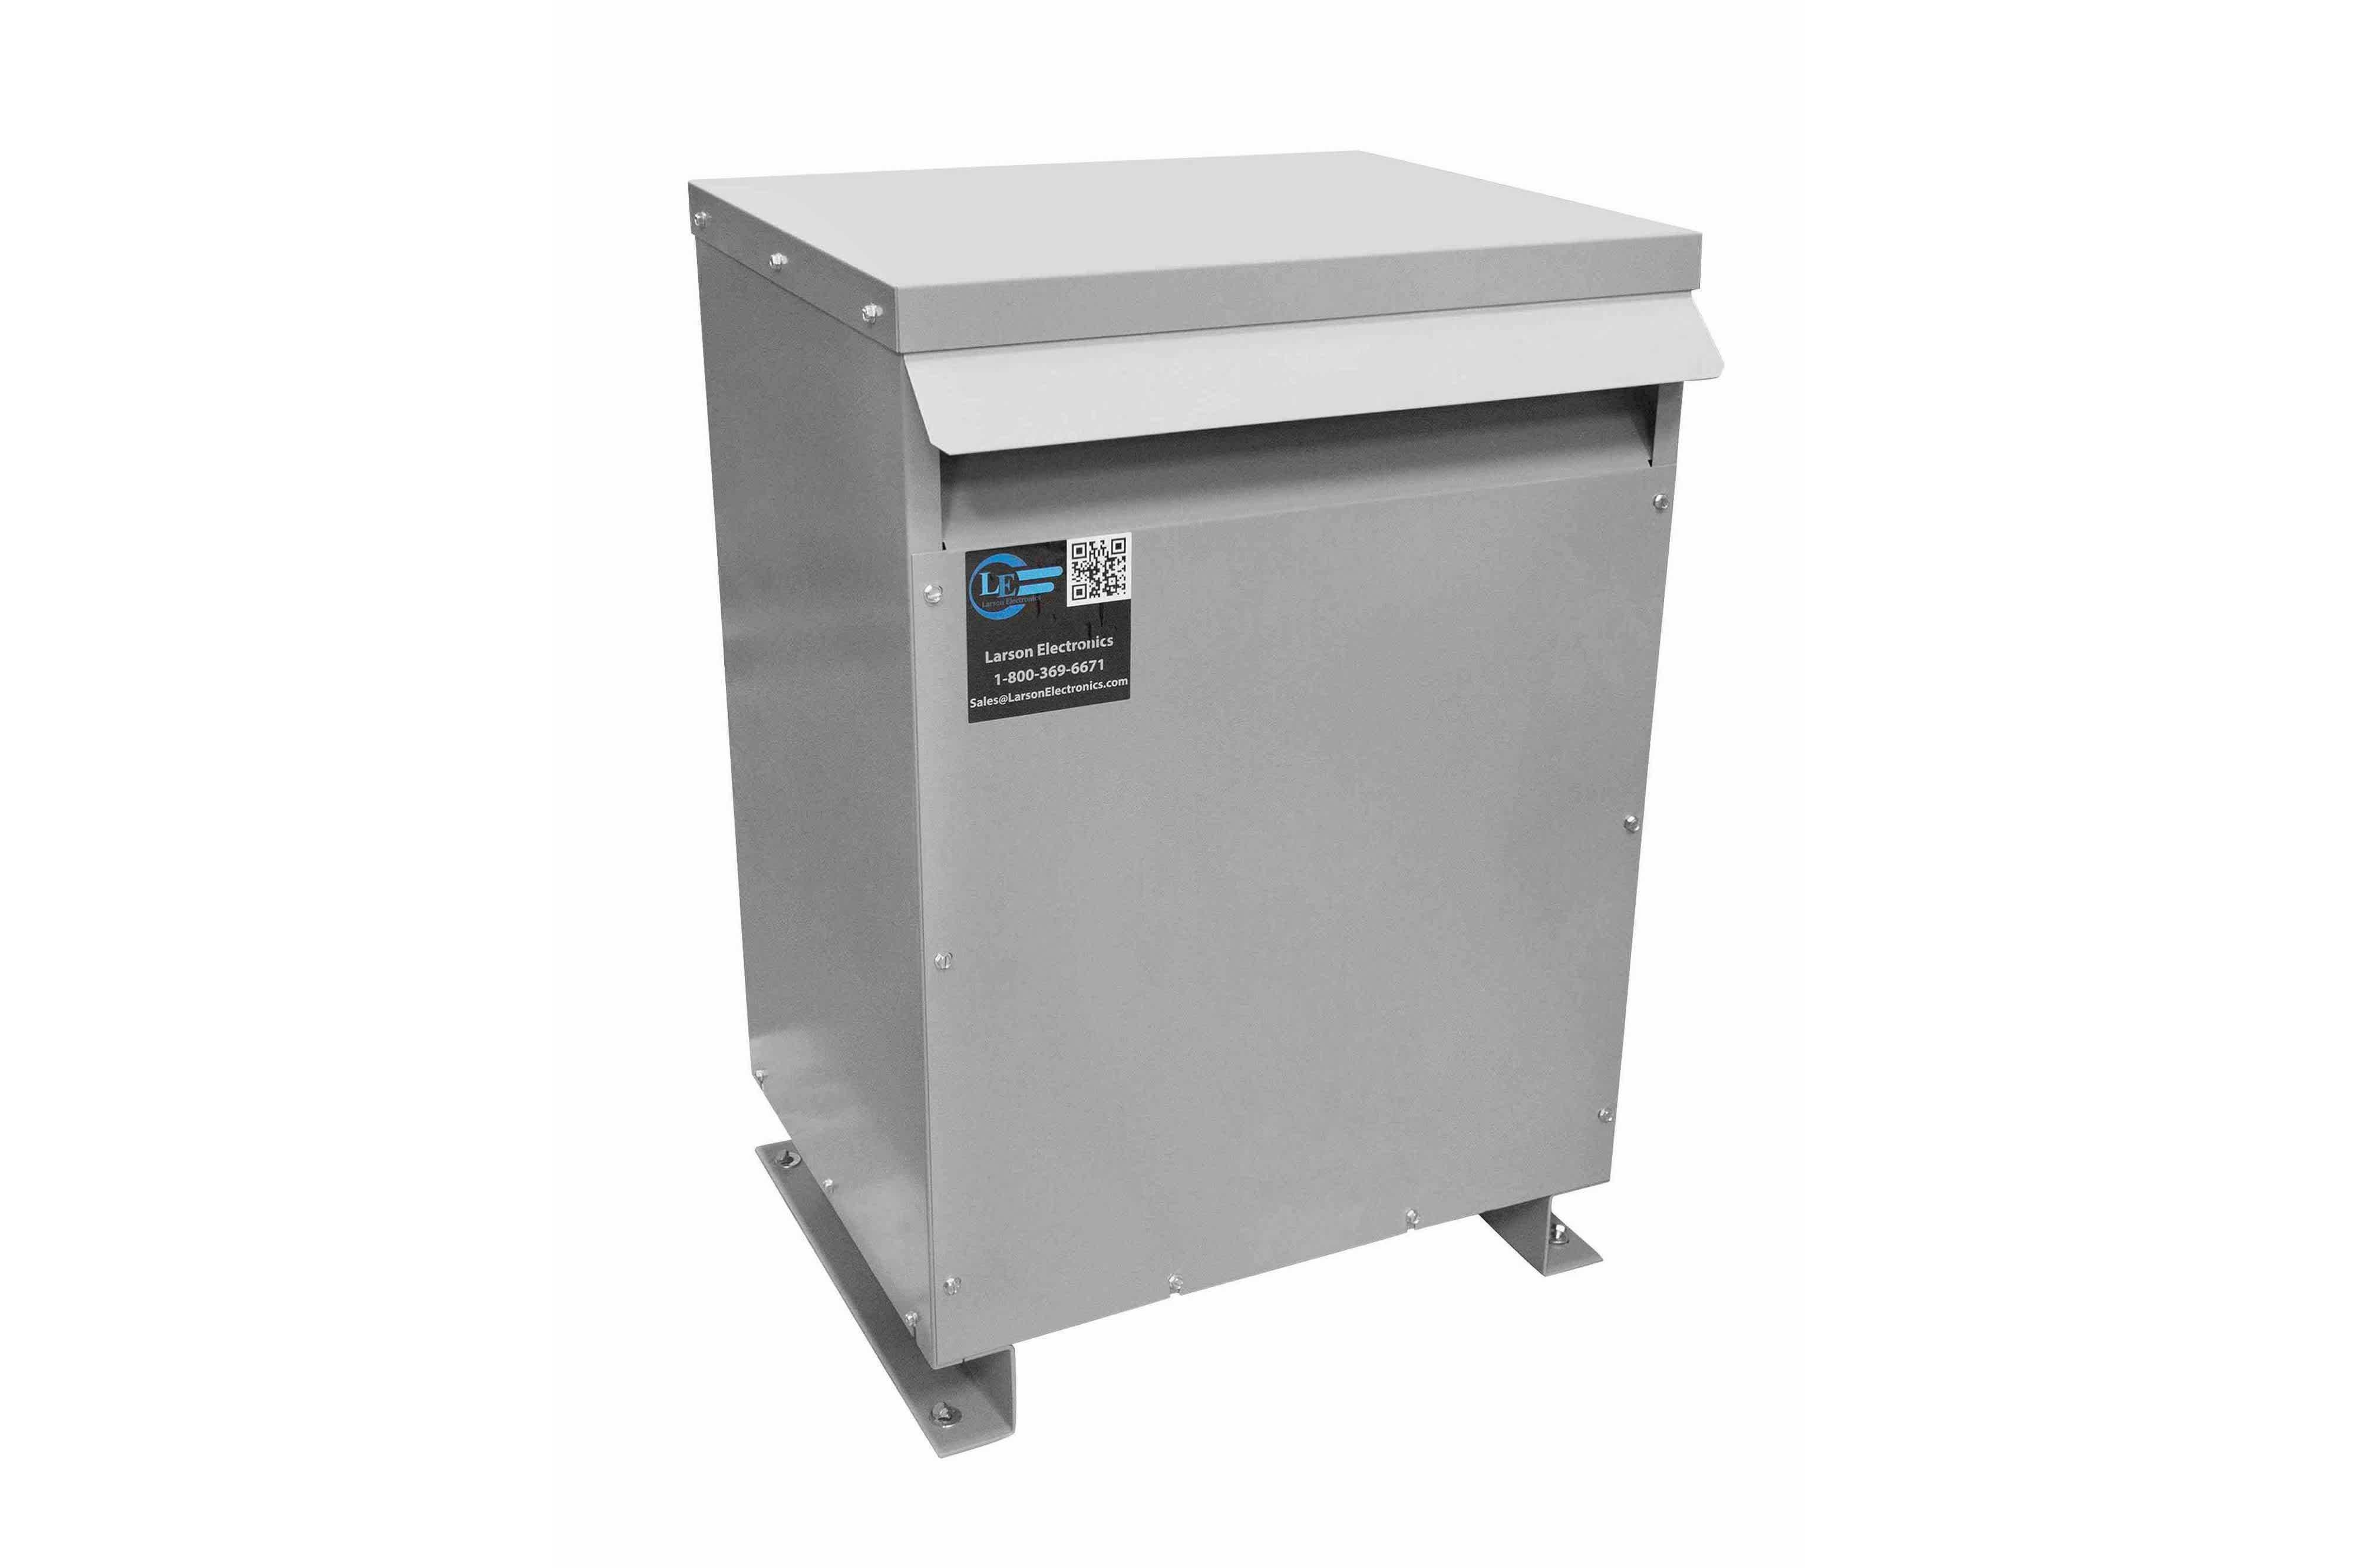 12 kVA 3PH Isolation Transformer, 440V Delta Primary, 208V Delta Secondary, N3R, Ventilated, 60 Hz